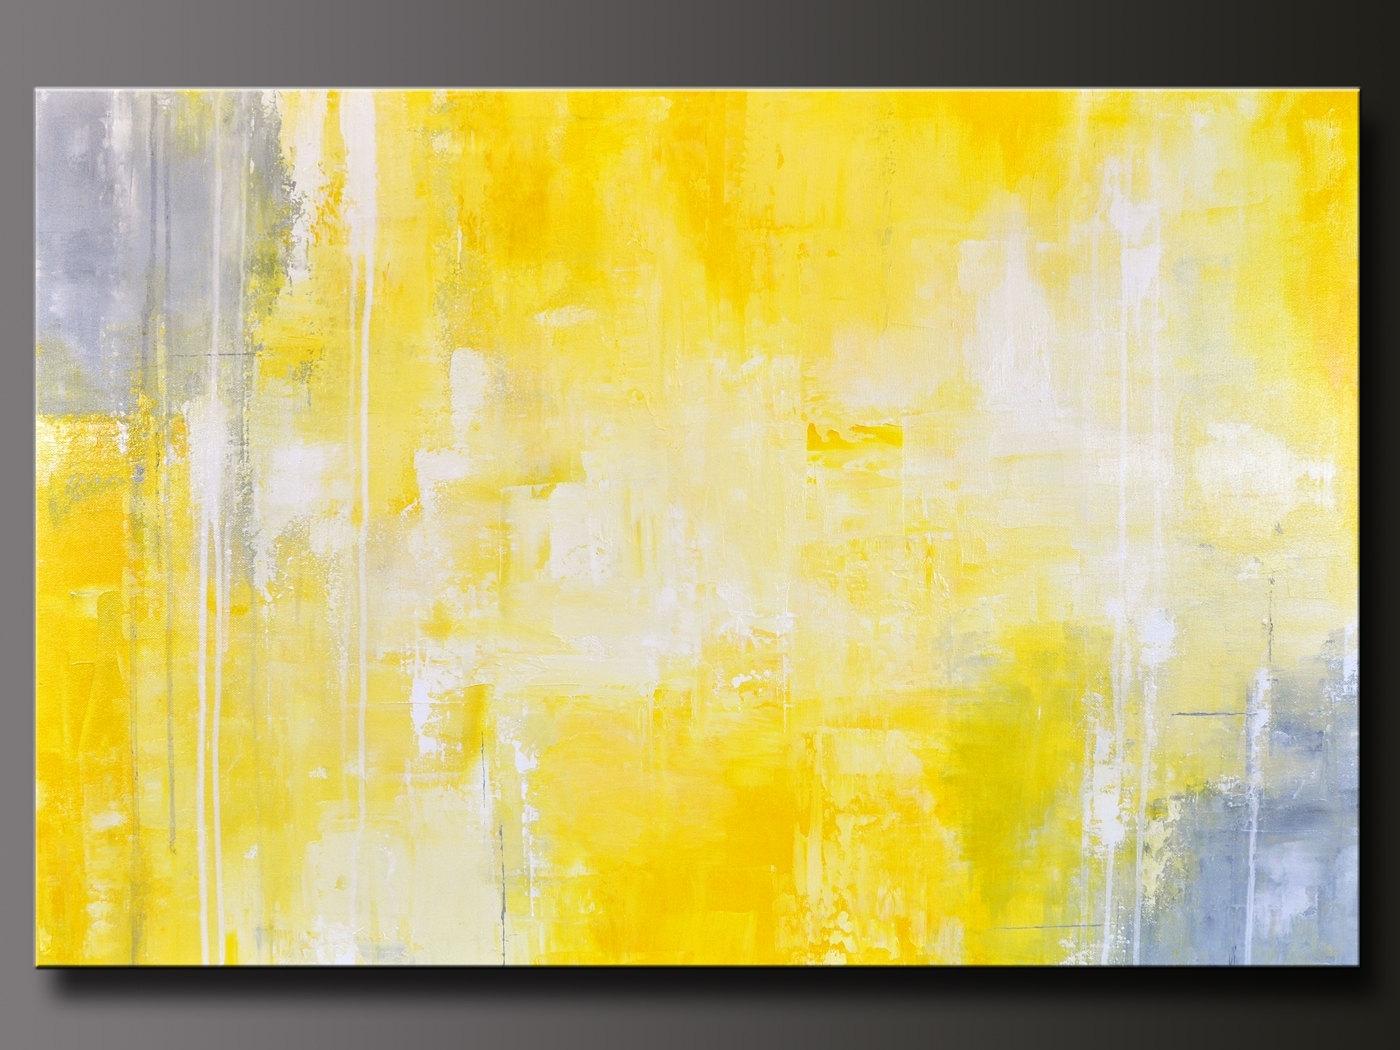 Wall Art Designs: Yellow And Gray Wall Art Diy Wall Art Washington In Recent Yellow And Grey Abstract Wall Art (View 2 of 20)